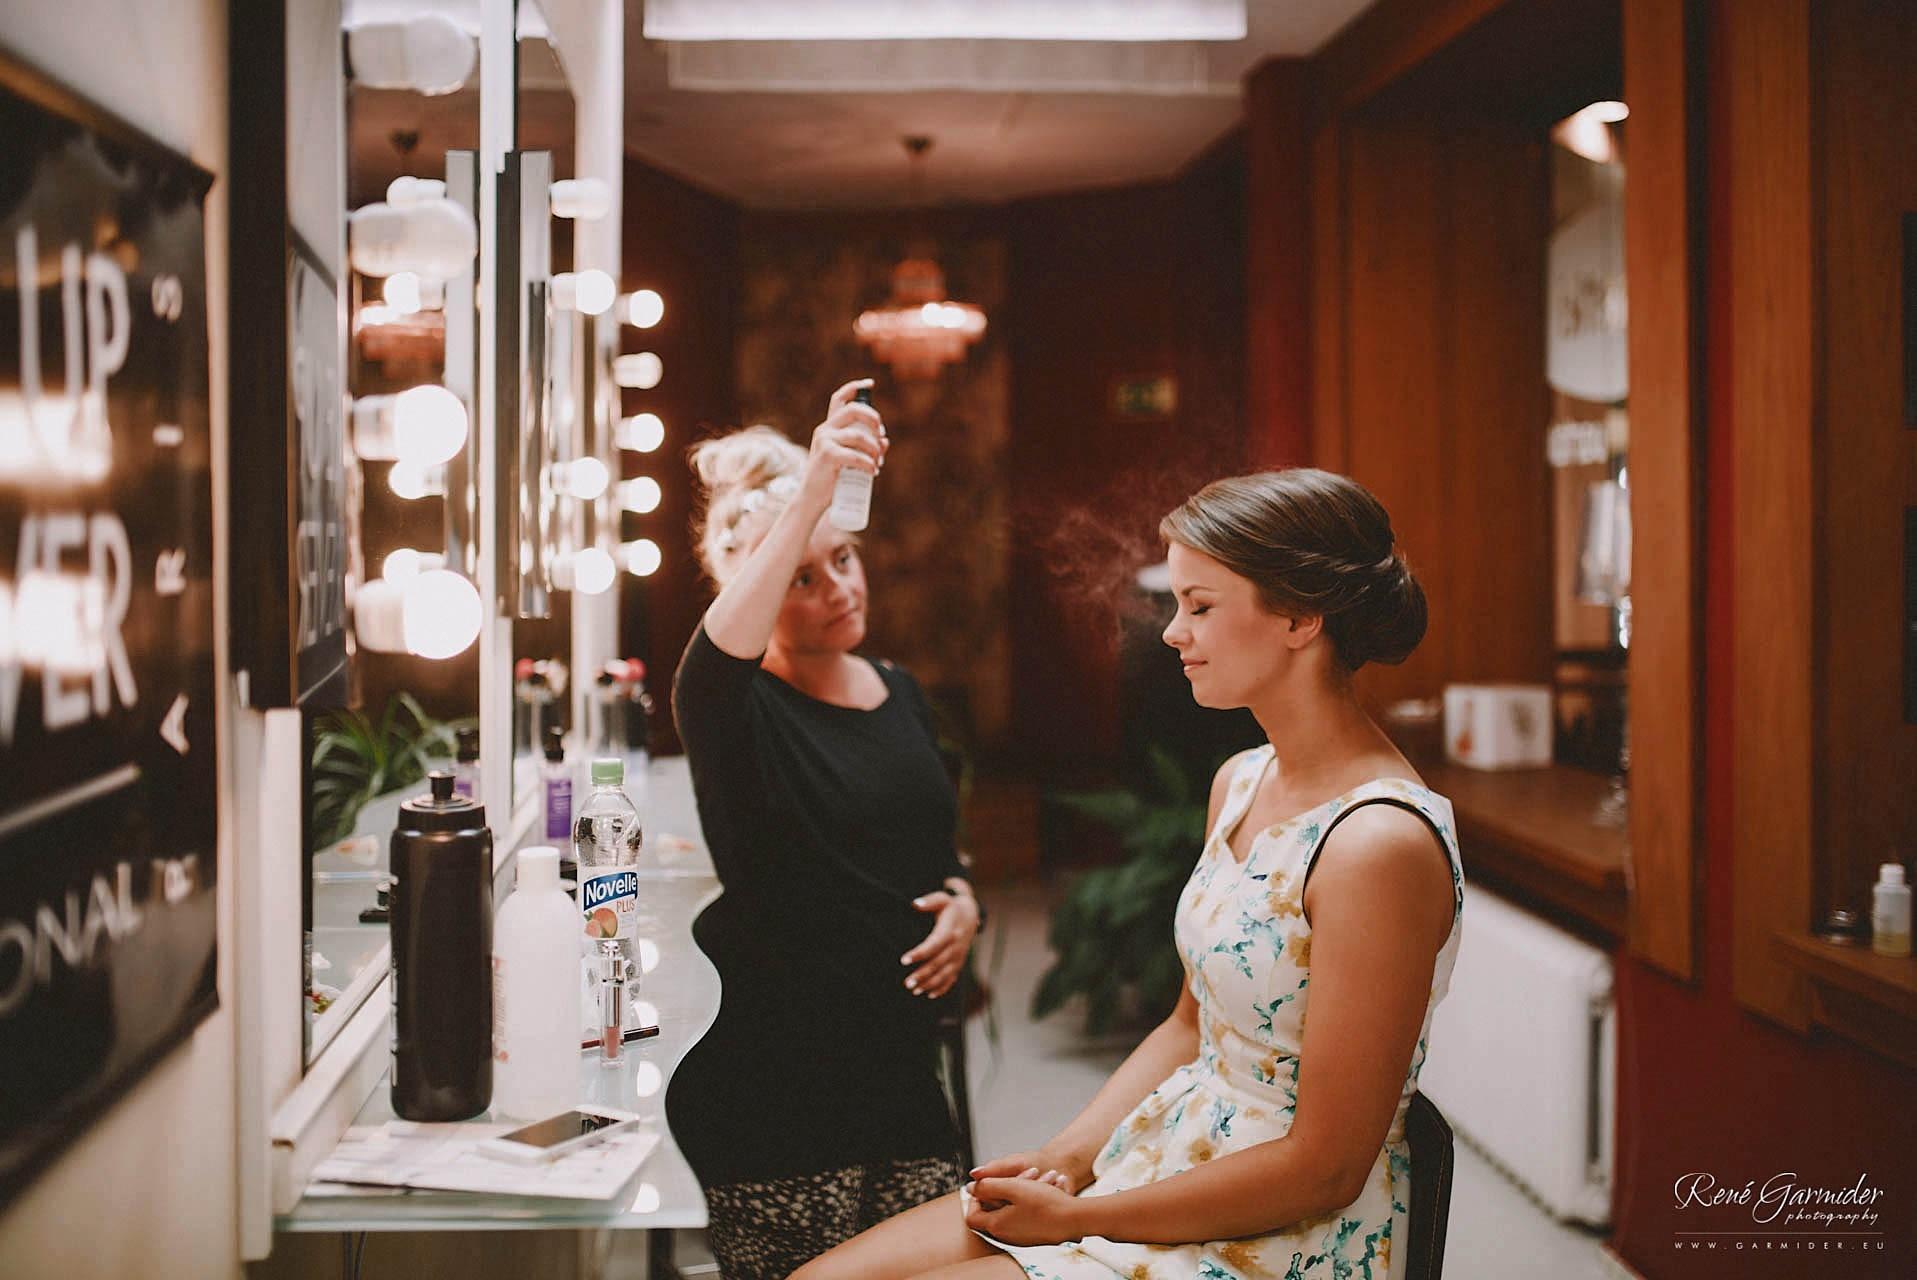 destination-wedding-photography-finland-miljookuvaus-haakuvaus-haakuvaaja-leena-juri-5